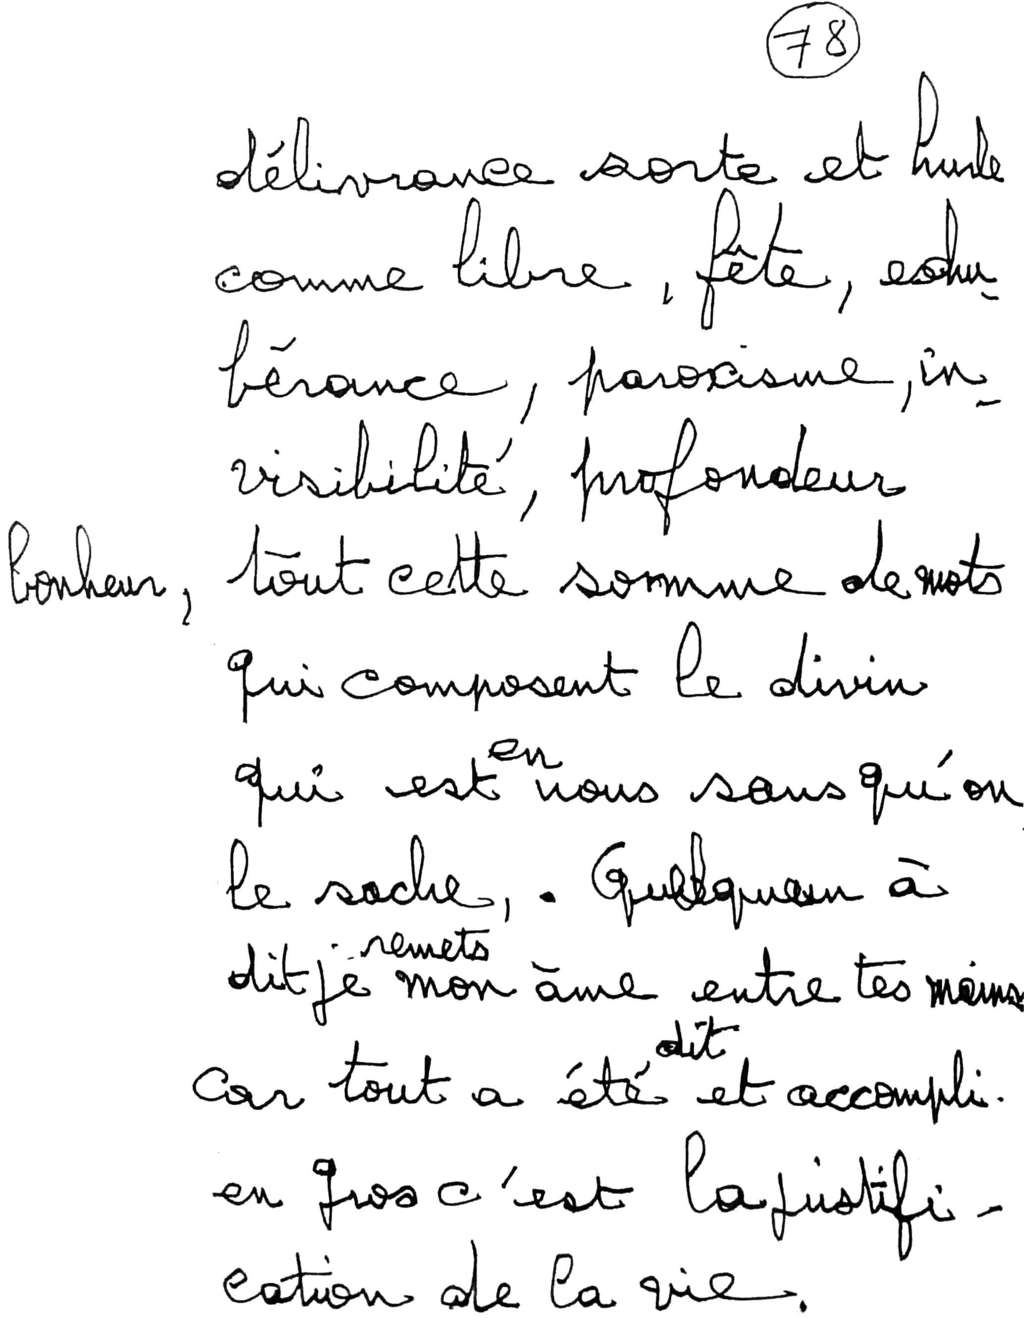 manuscrit du poème 2585